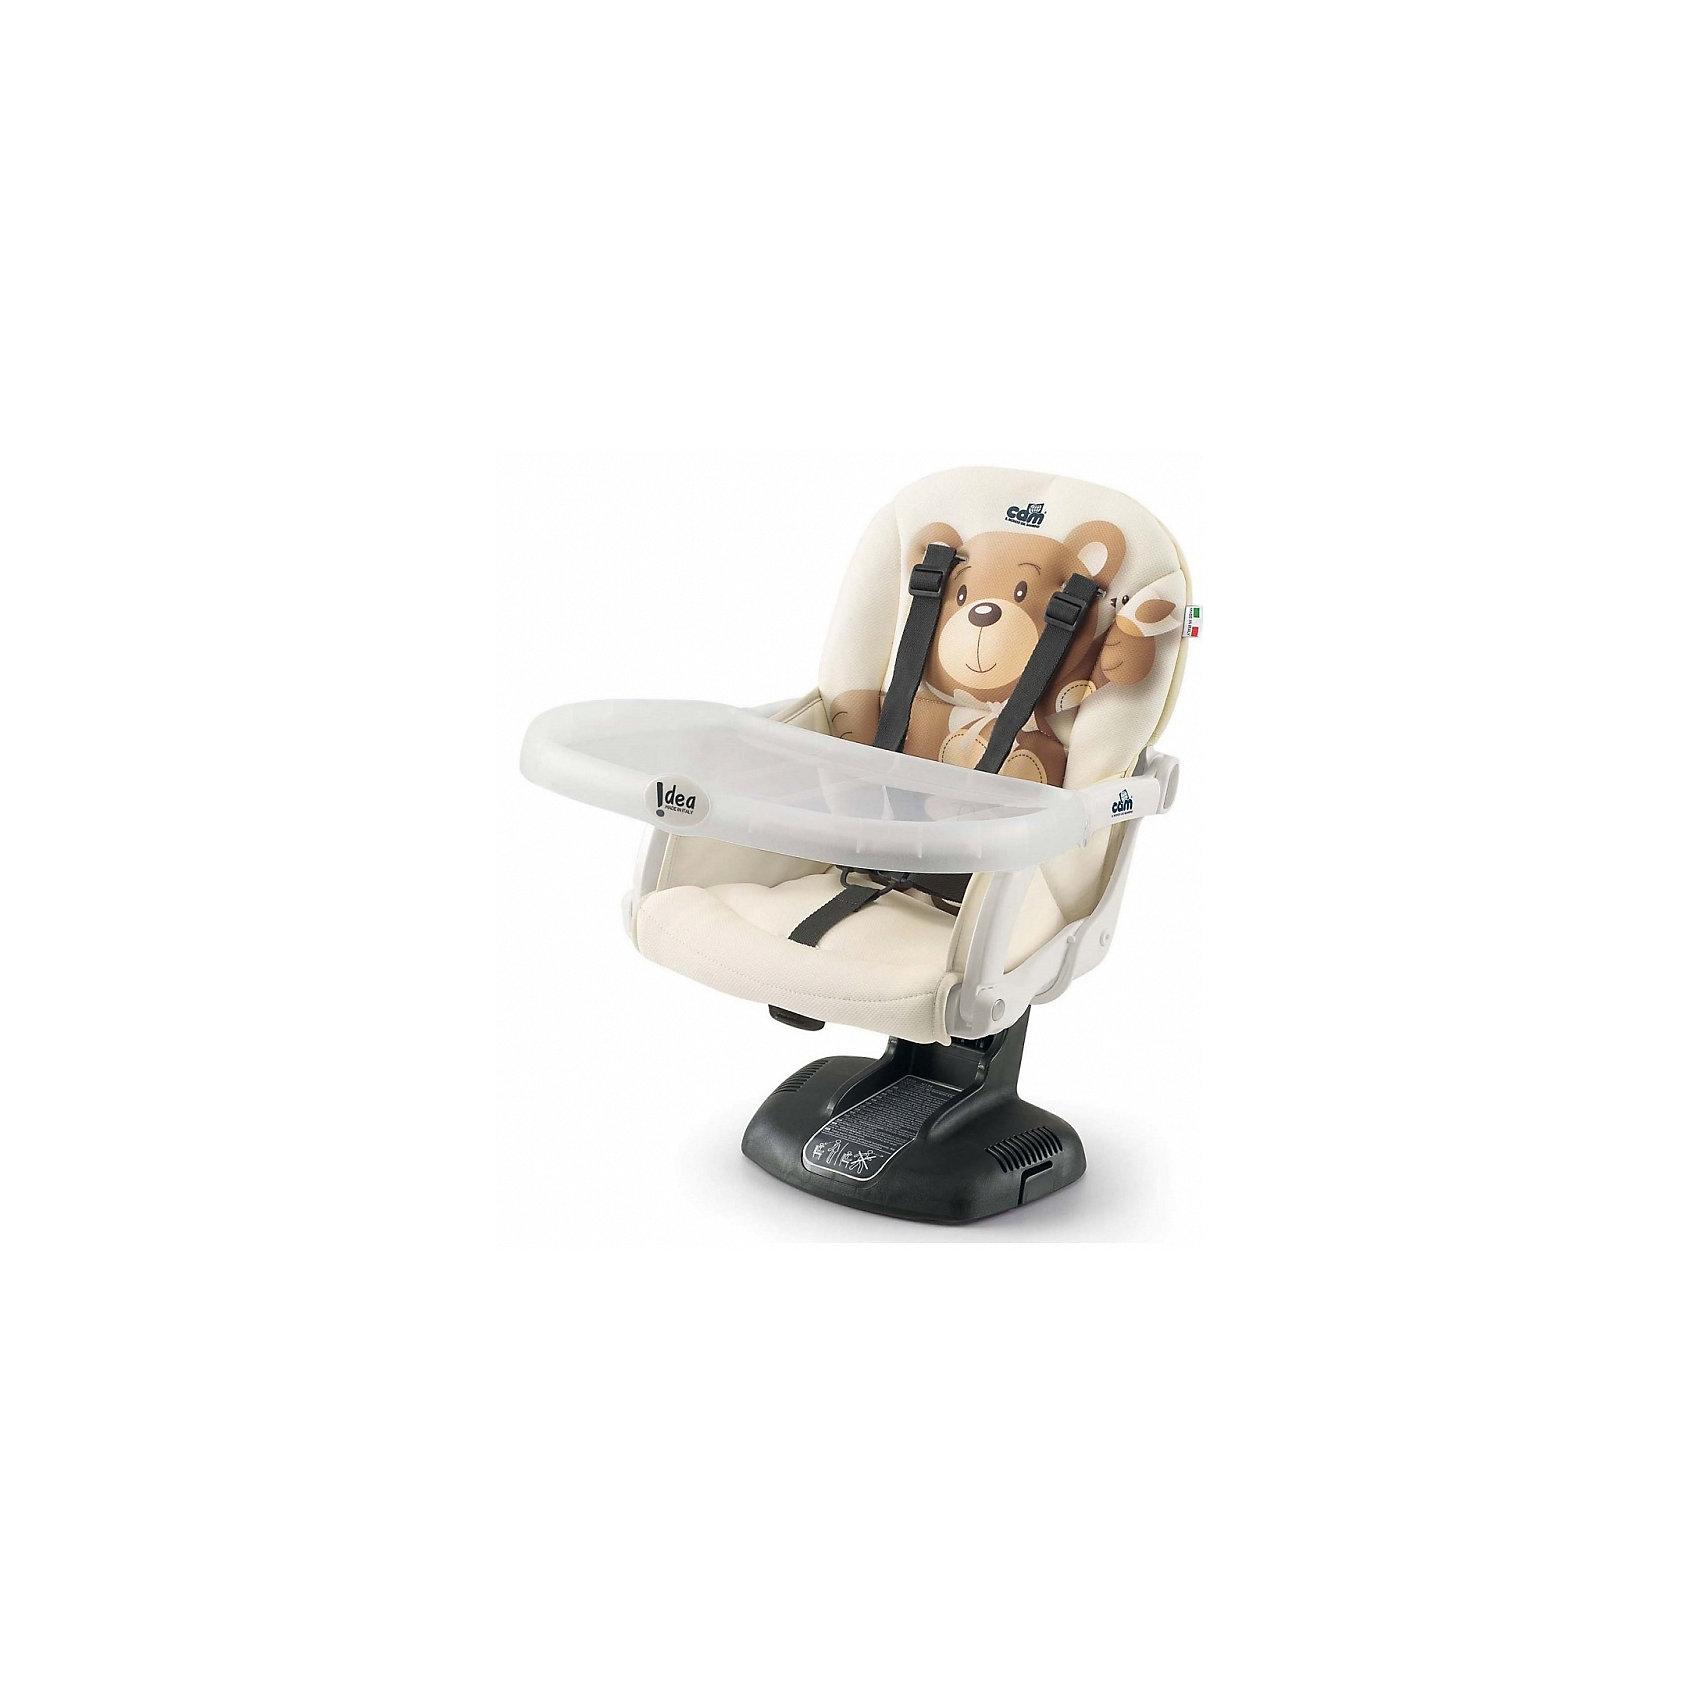 Стульчик для кормления Idea, CAM, бежевый с медвежонкомот +6 месяцев<br>Стульчик для кормления Idea, CAM, бежевый с медвежонком – компактная модель для дома и дачи.<br>Тип стульчика – бустер. Он крепится к обычной мебели и может быть отрегулирован с помощью 7 уровней высоты сидения. Мягкое сидение и подлокотники делают сиденье комфортным для ребенка, а ремни безопасности защищают малыша от падения и не дают ему выбраться самостоятельно. <br><br> Дополнительная информация:<br><br>- цвет: бежевый<br>- размер: 52х36х40 см<br>- вес: 2,8<br><br><br>Стульчик для кормления Idea, CAM, бежевый с медвежонком можно купить в нашем интернет магазине.<br><br>Ширина мм: 995<br>Глубина мм: 369<br>Высота мм: 499<br>Вес г: 3750<br>Возраст от месяцев: 6<br>Возраст до месяцев: 36<br>Пол: Унисекс<br>Возраст: Детский<br>SKU: 5013515